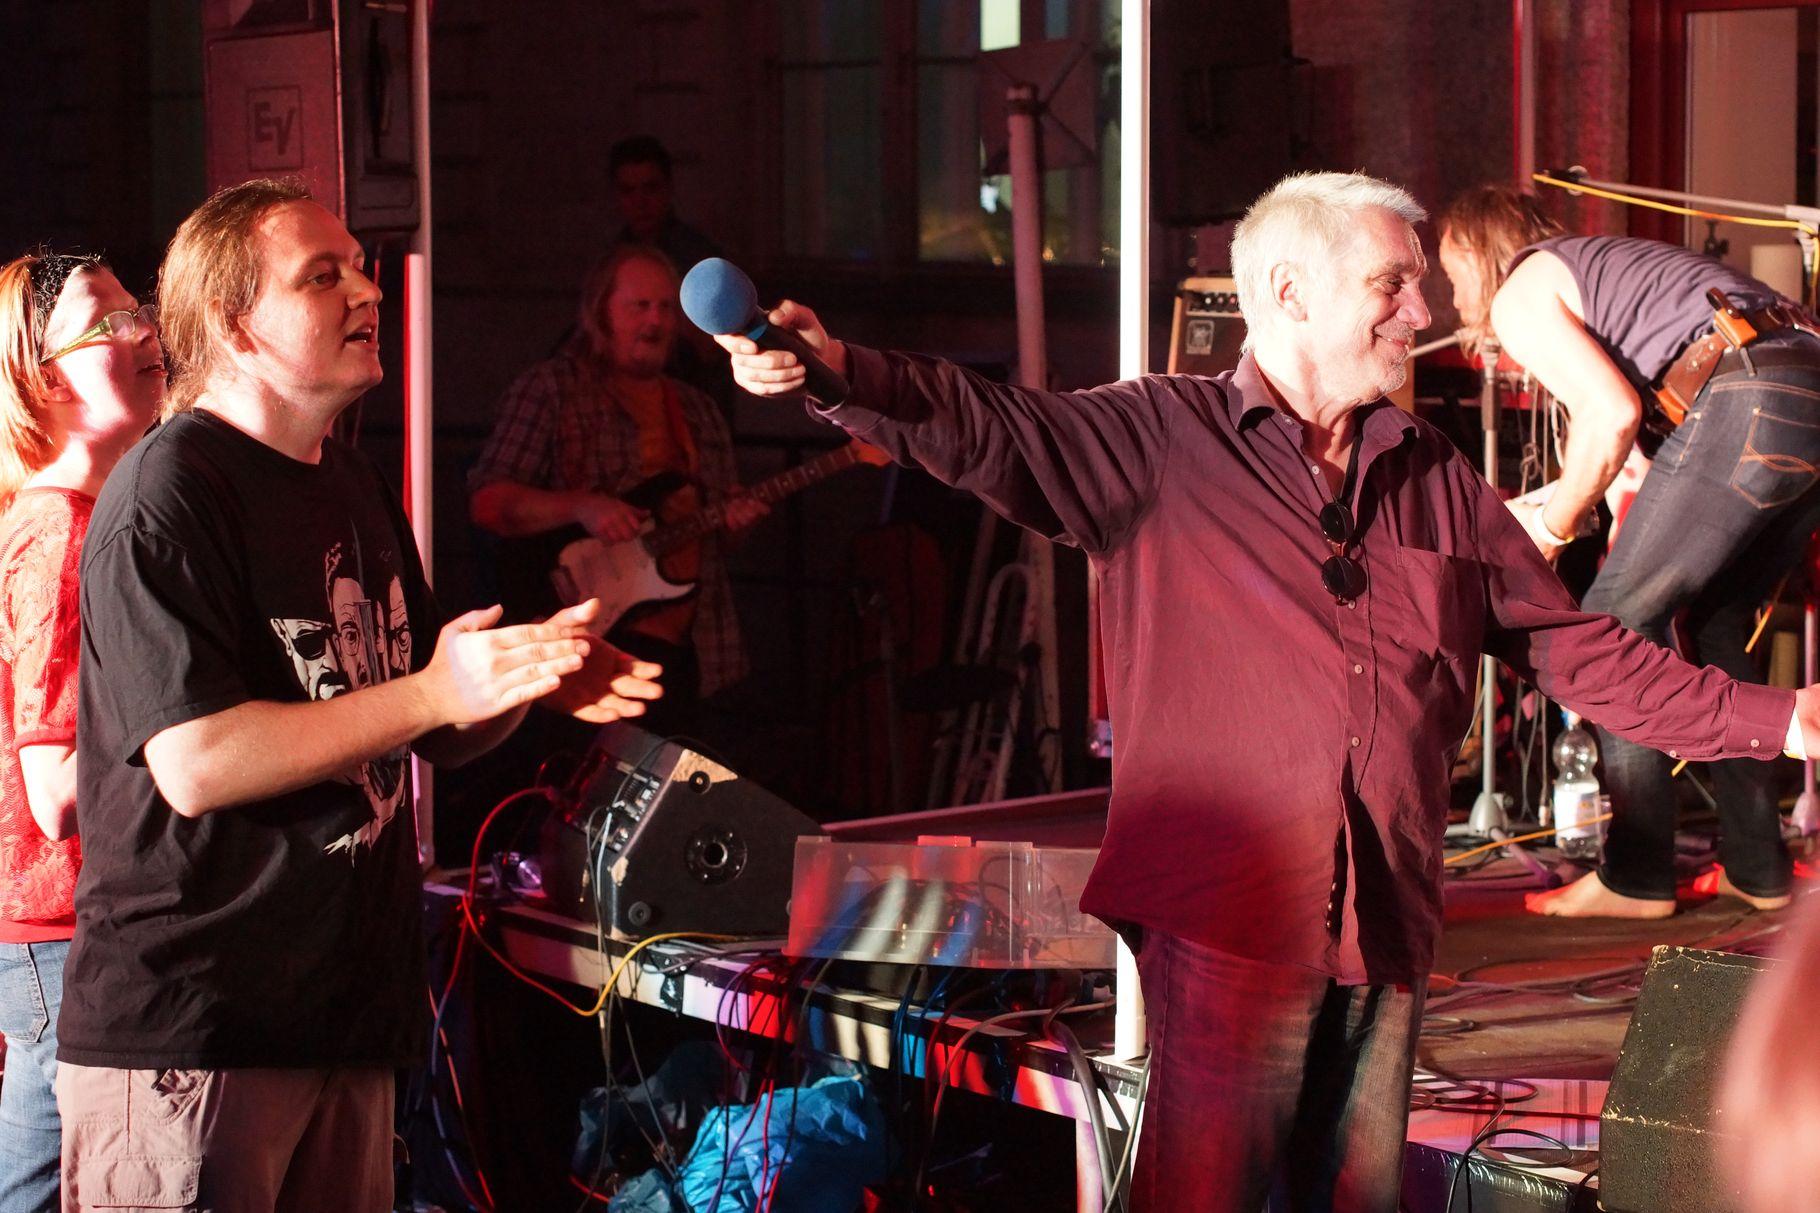 Konzerte im Bürgerhof 27.06.14 Jürgen Gebhardt - Freiwilligen-Zentrum Augsburg - Foto: Crayfish